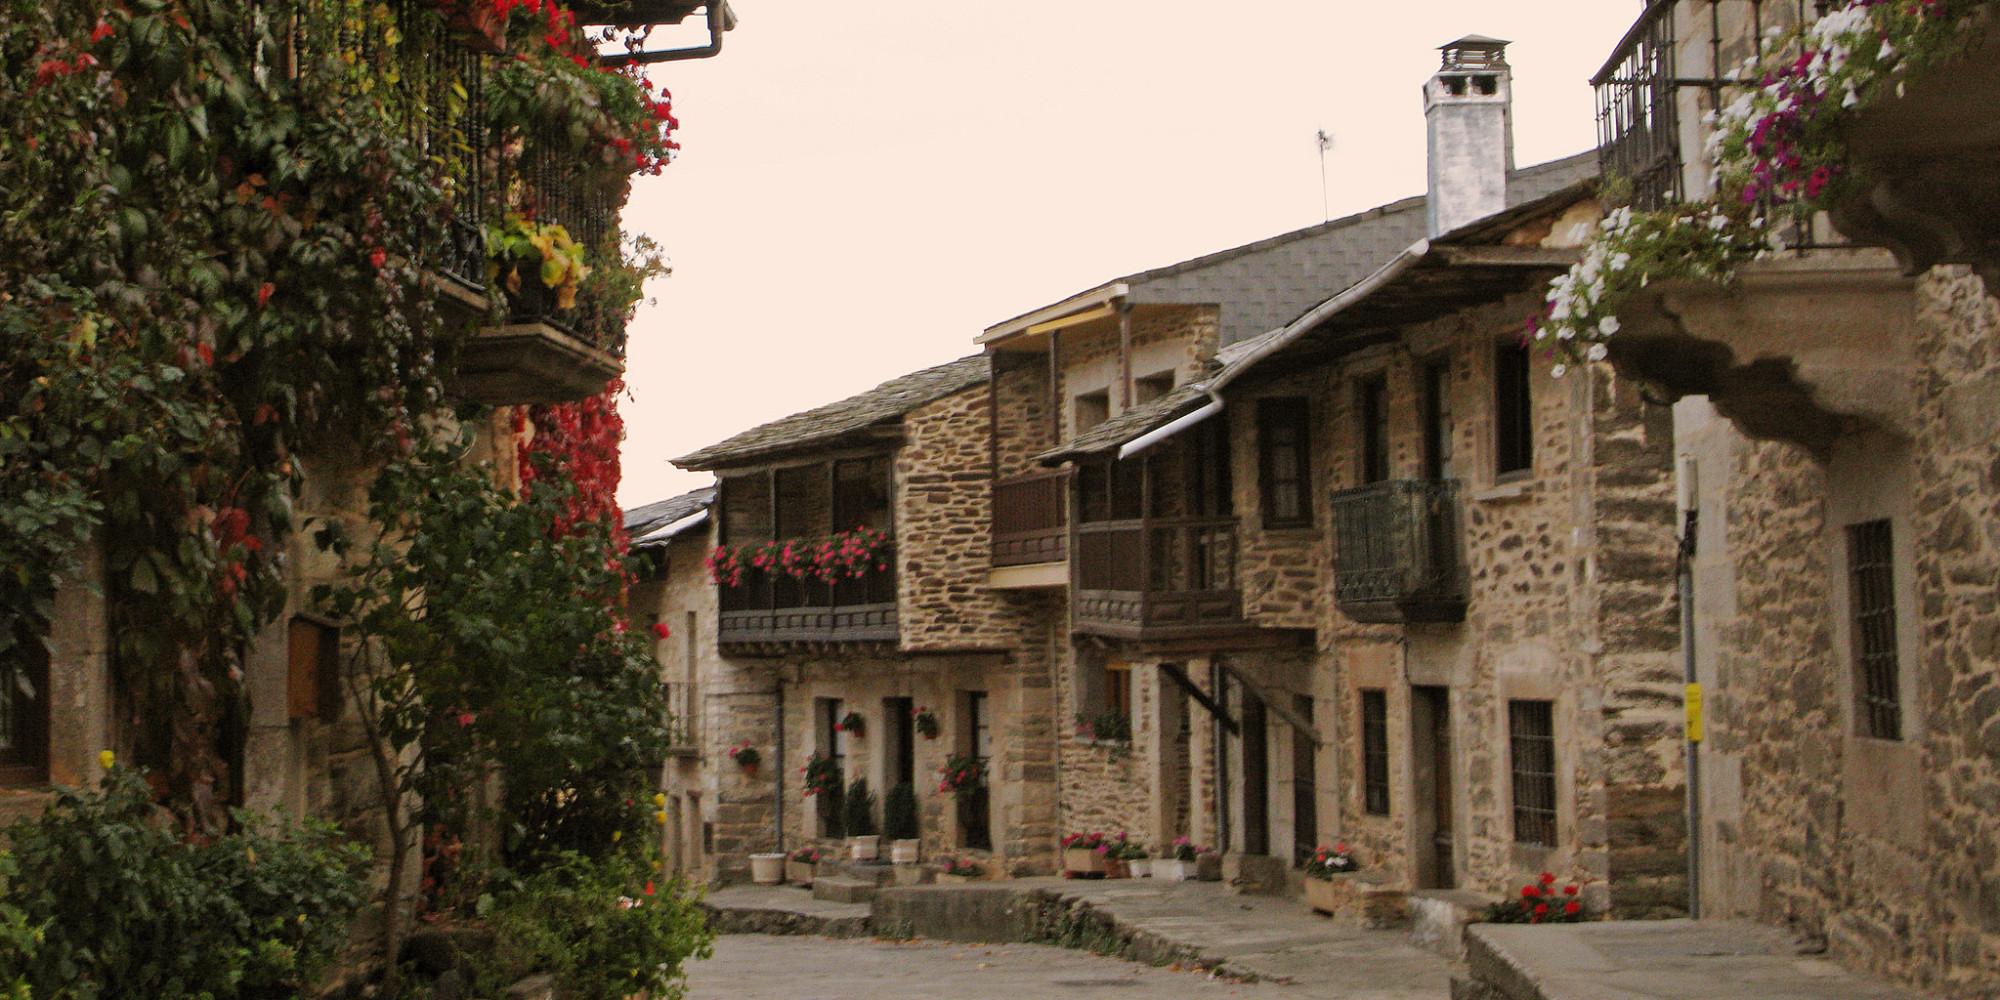 Estos son los 13 pueblos m s bonitos de espa a en 2017 - Casas gratis en pueblos de espana ...